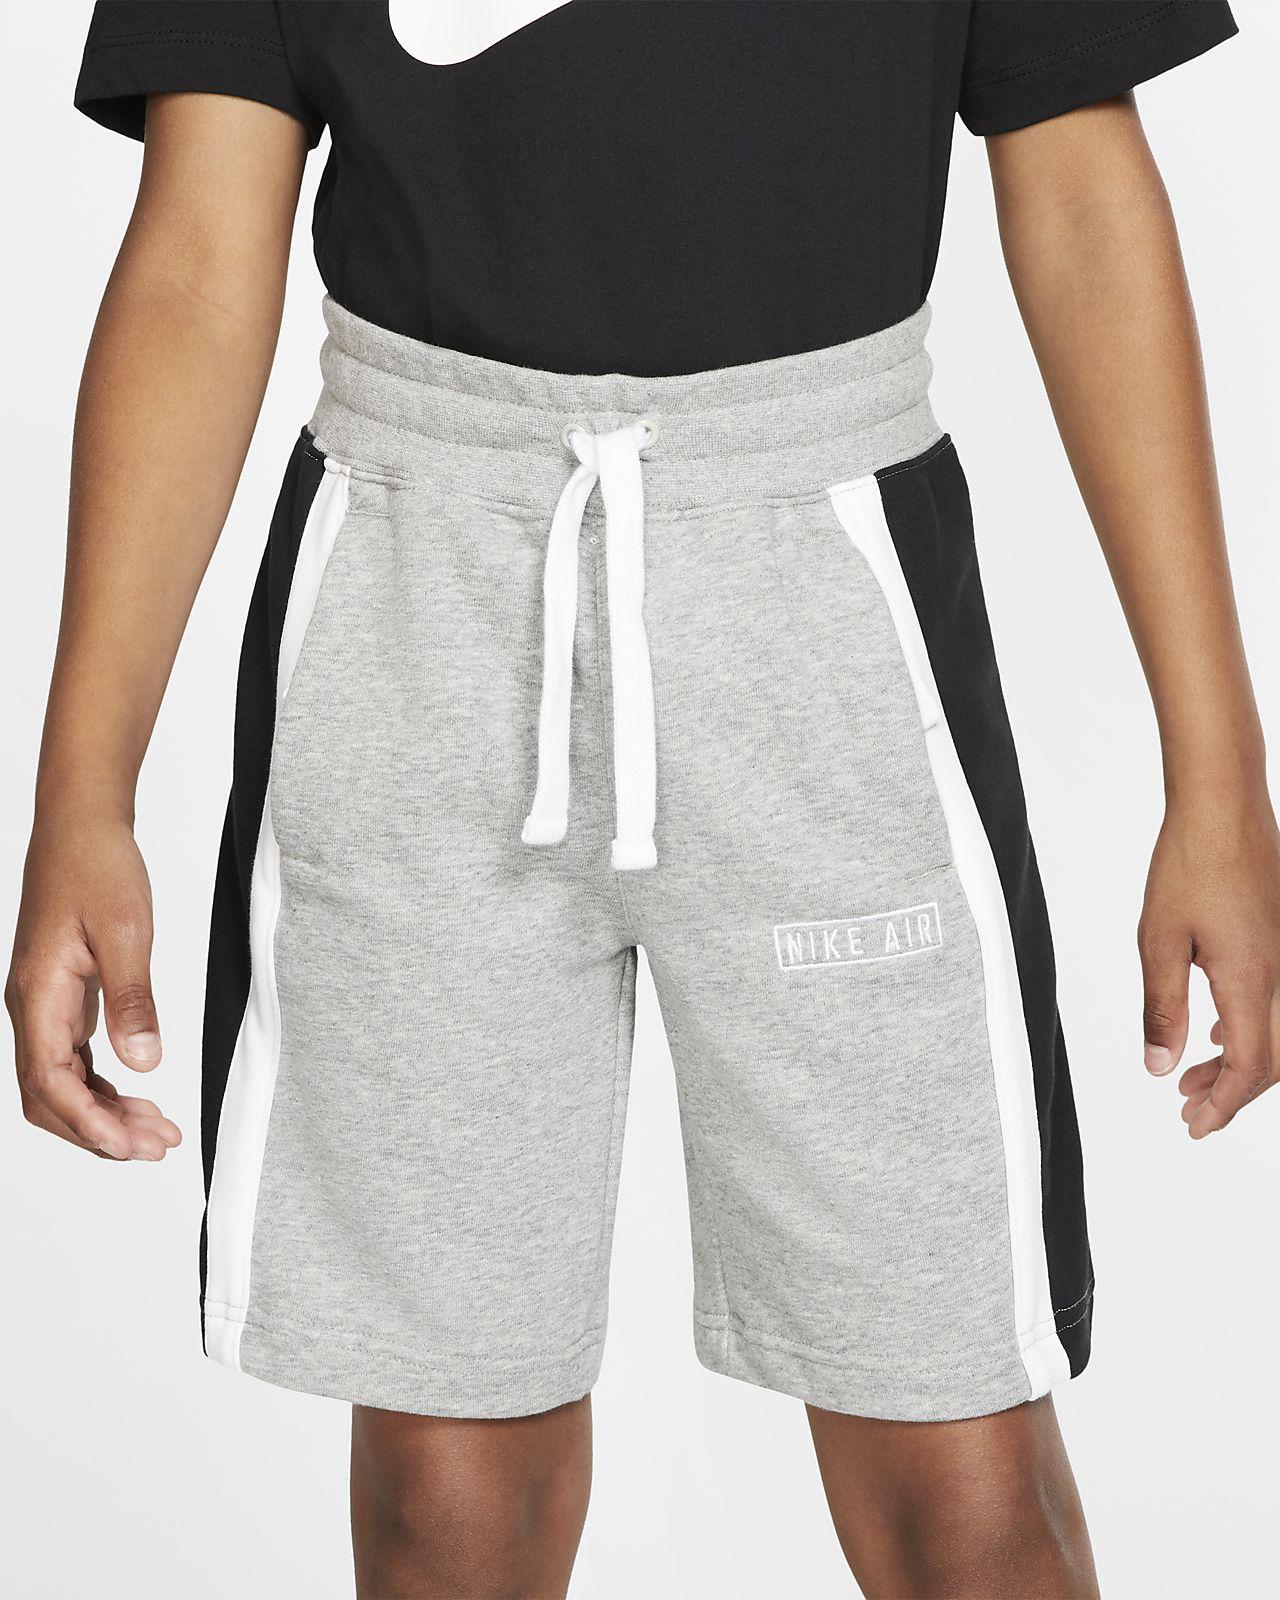 Nike Air Pantalons curts - Nen